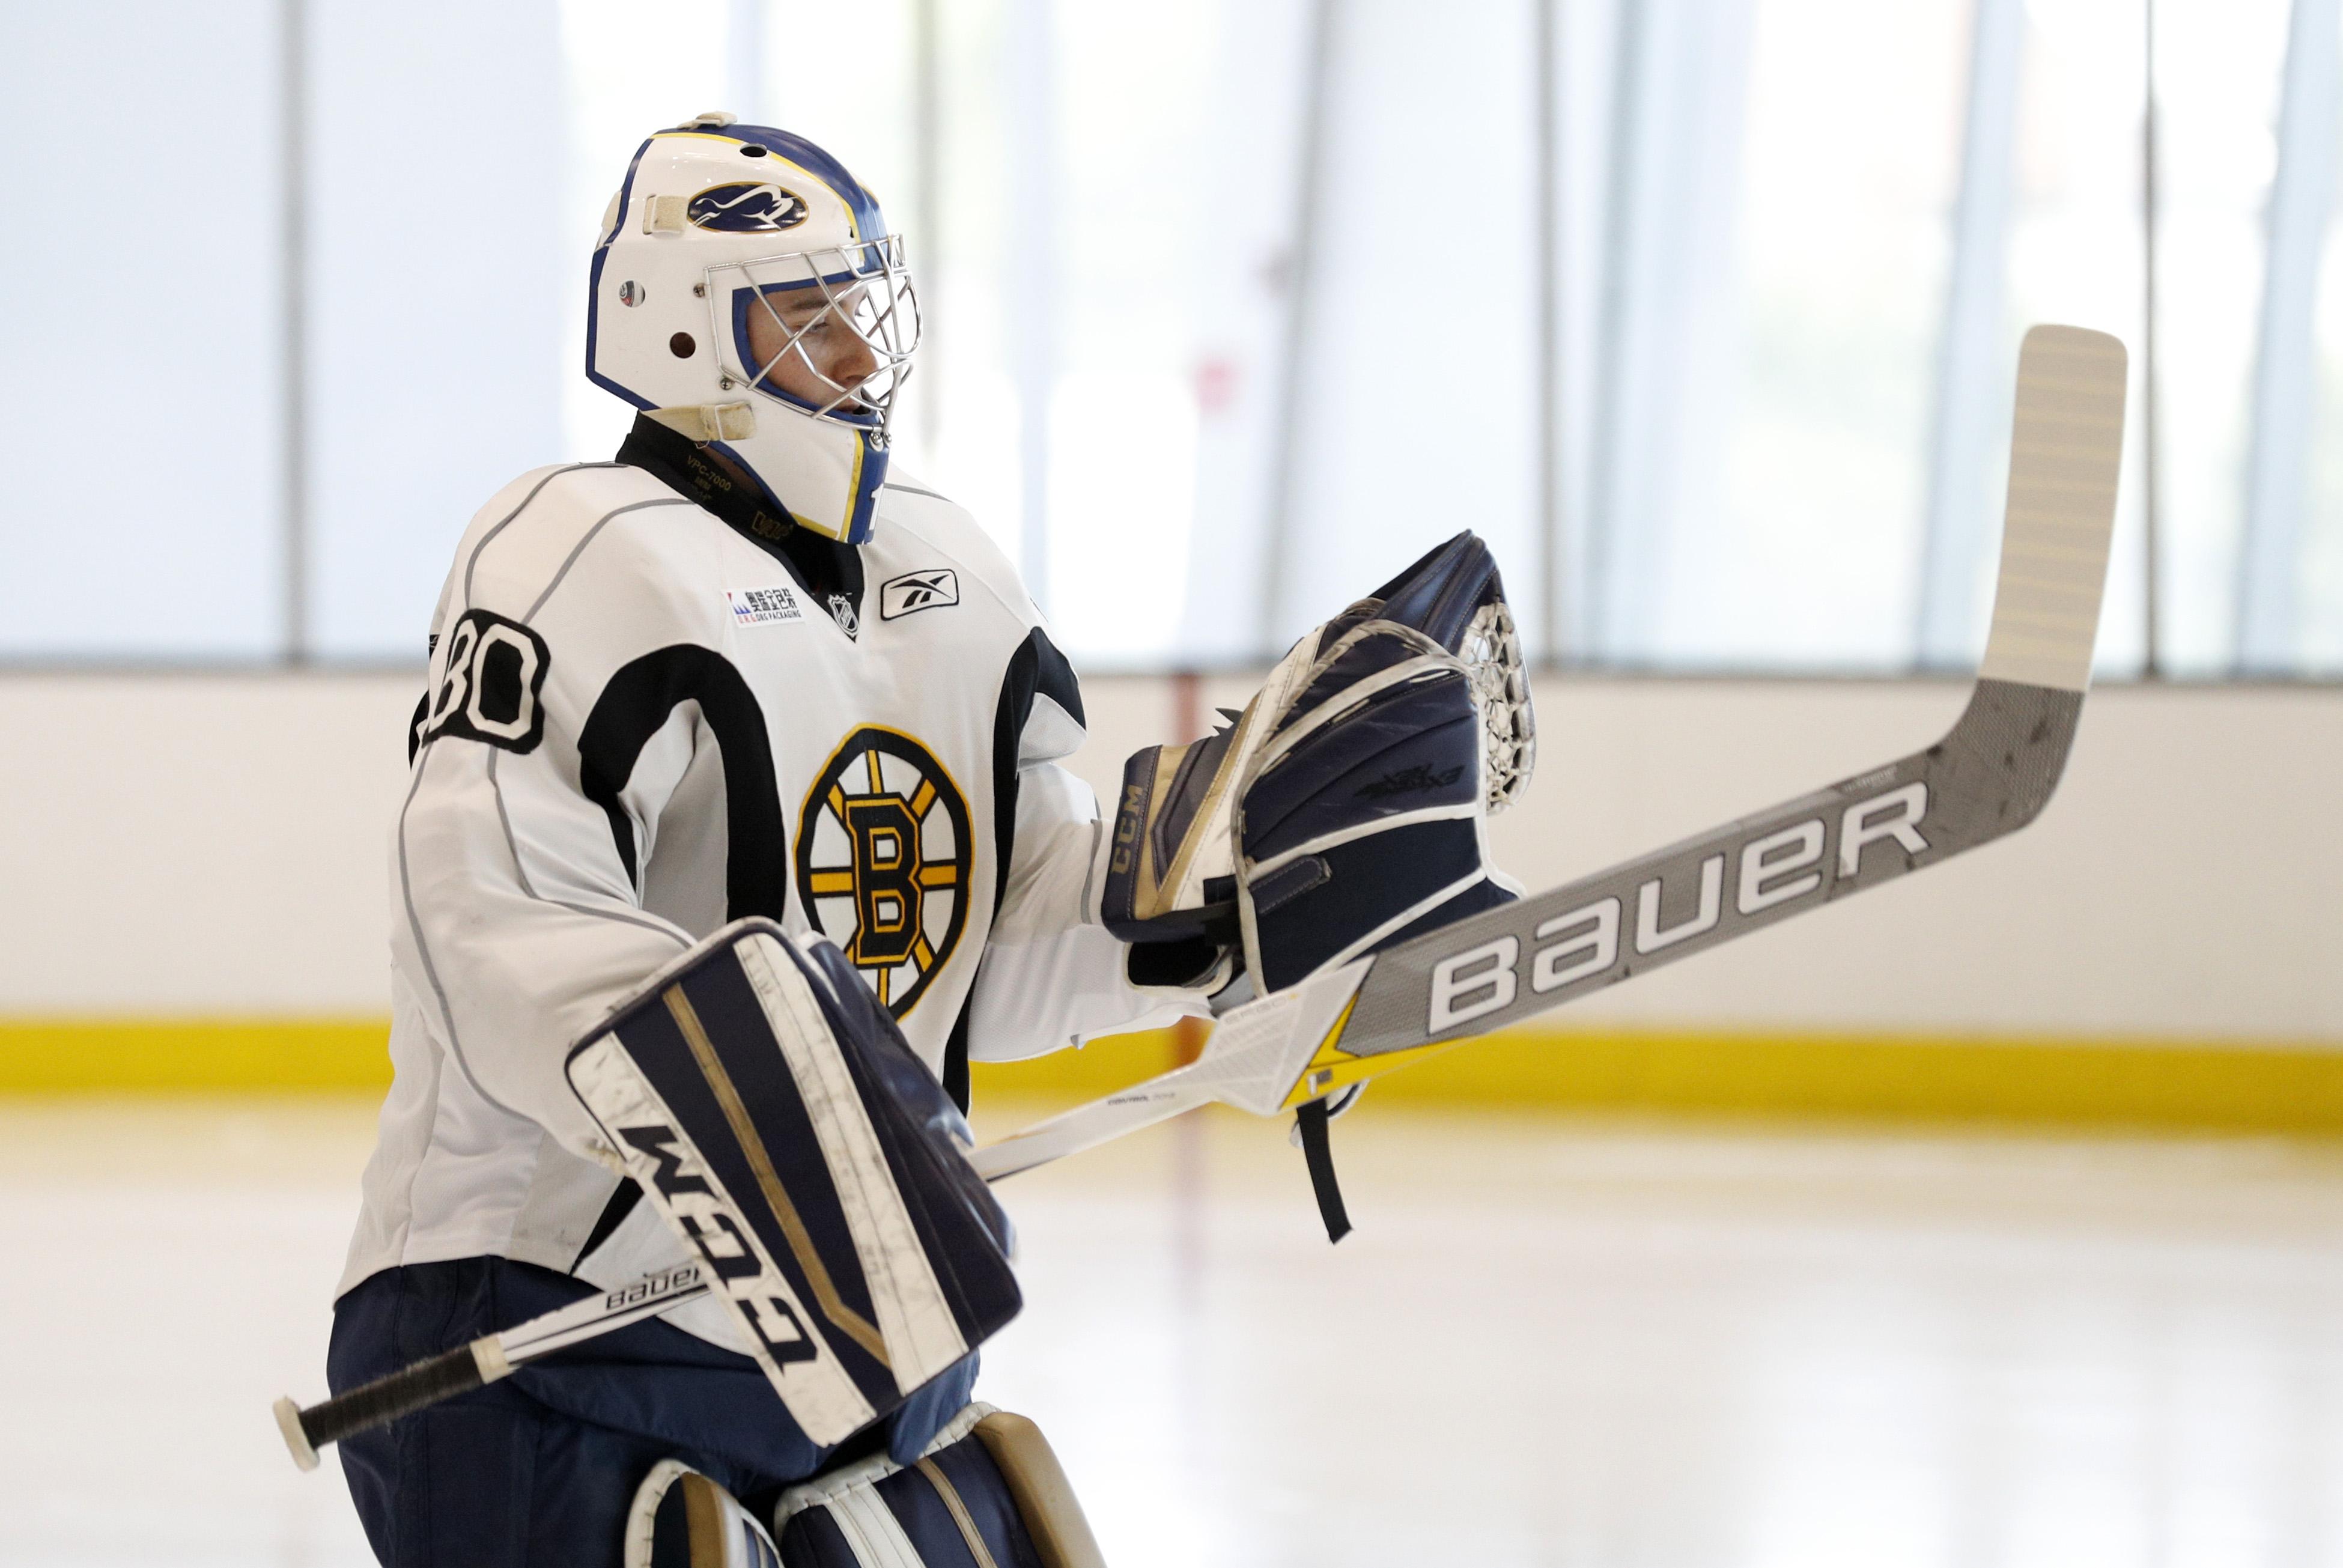 NHL: JUL 08 Bruins Development Camp